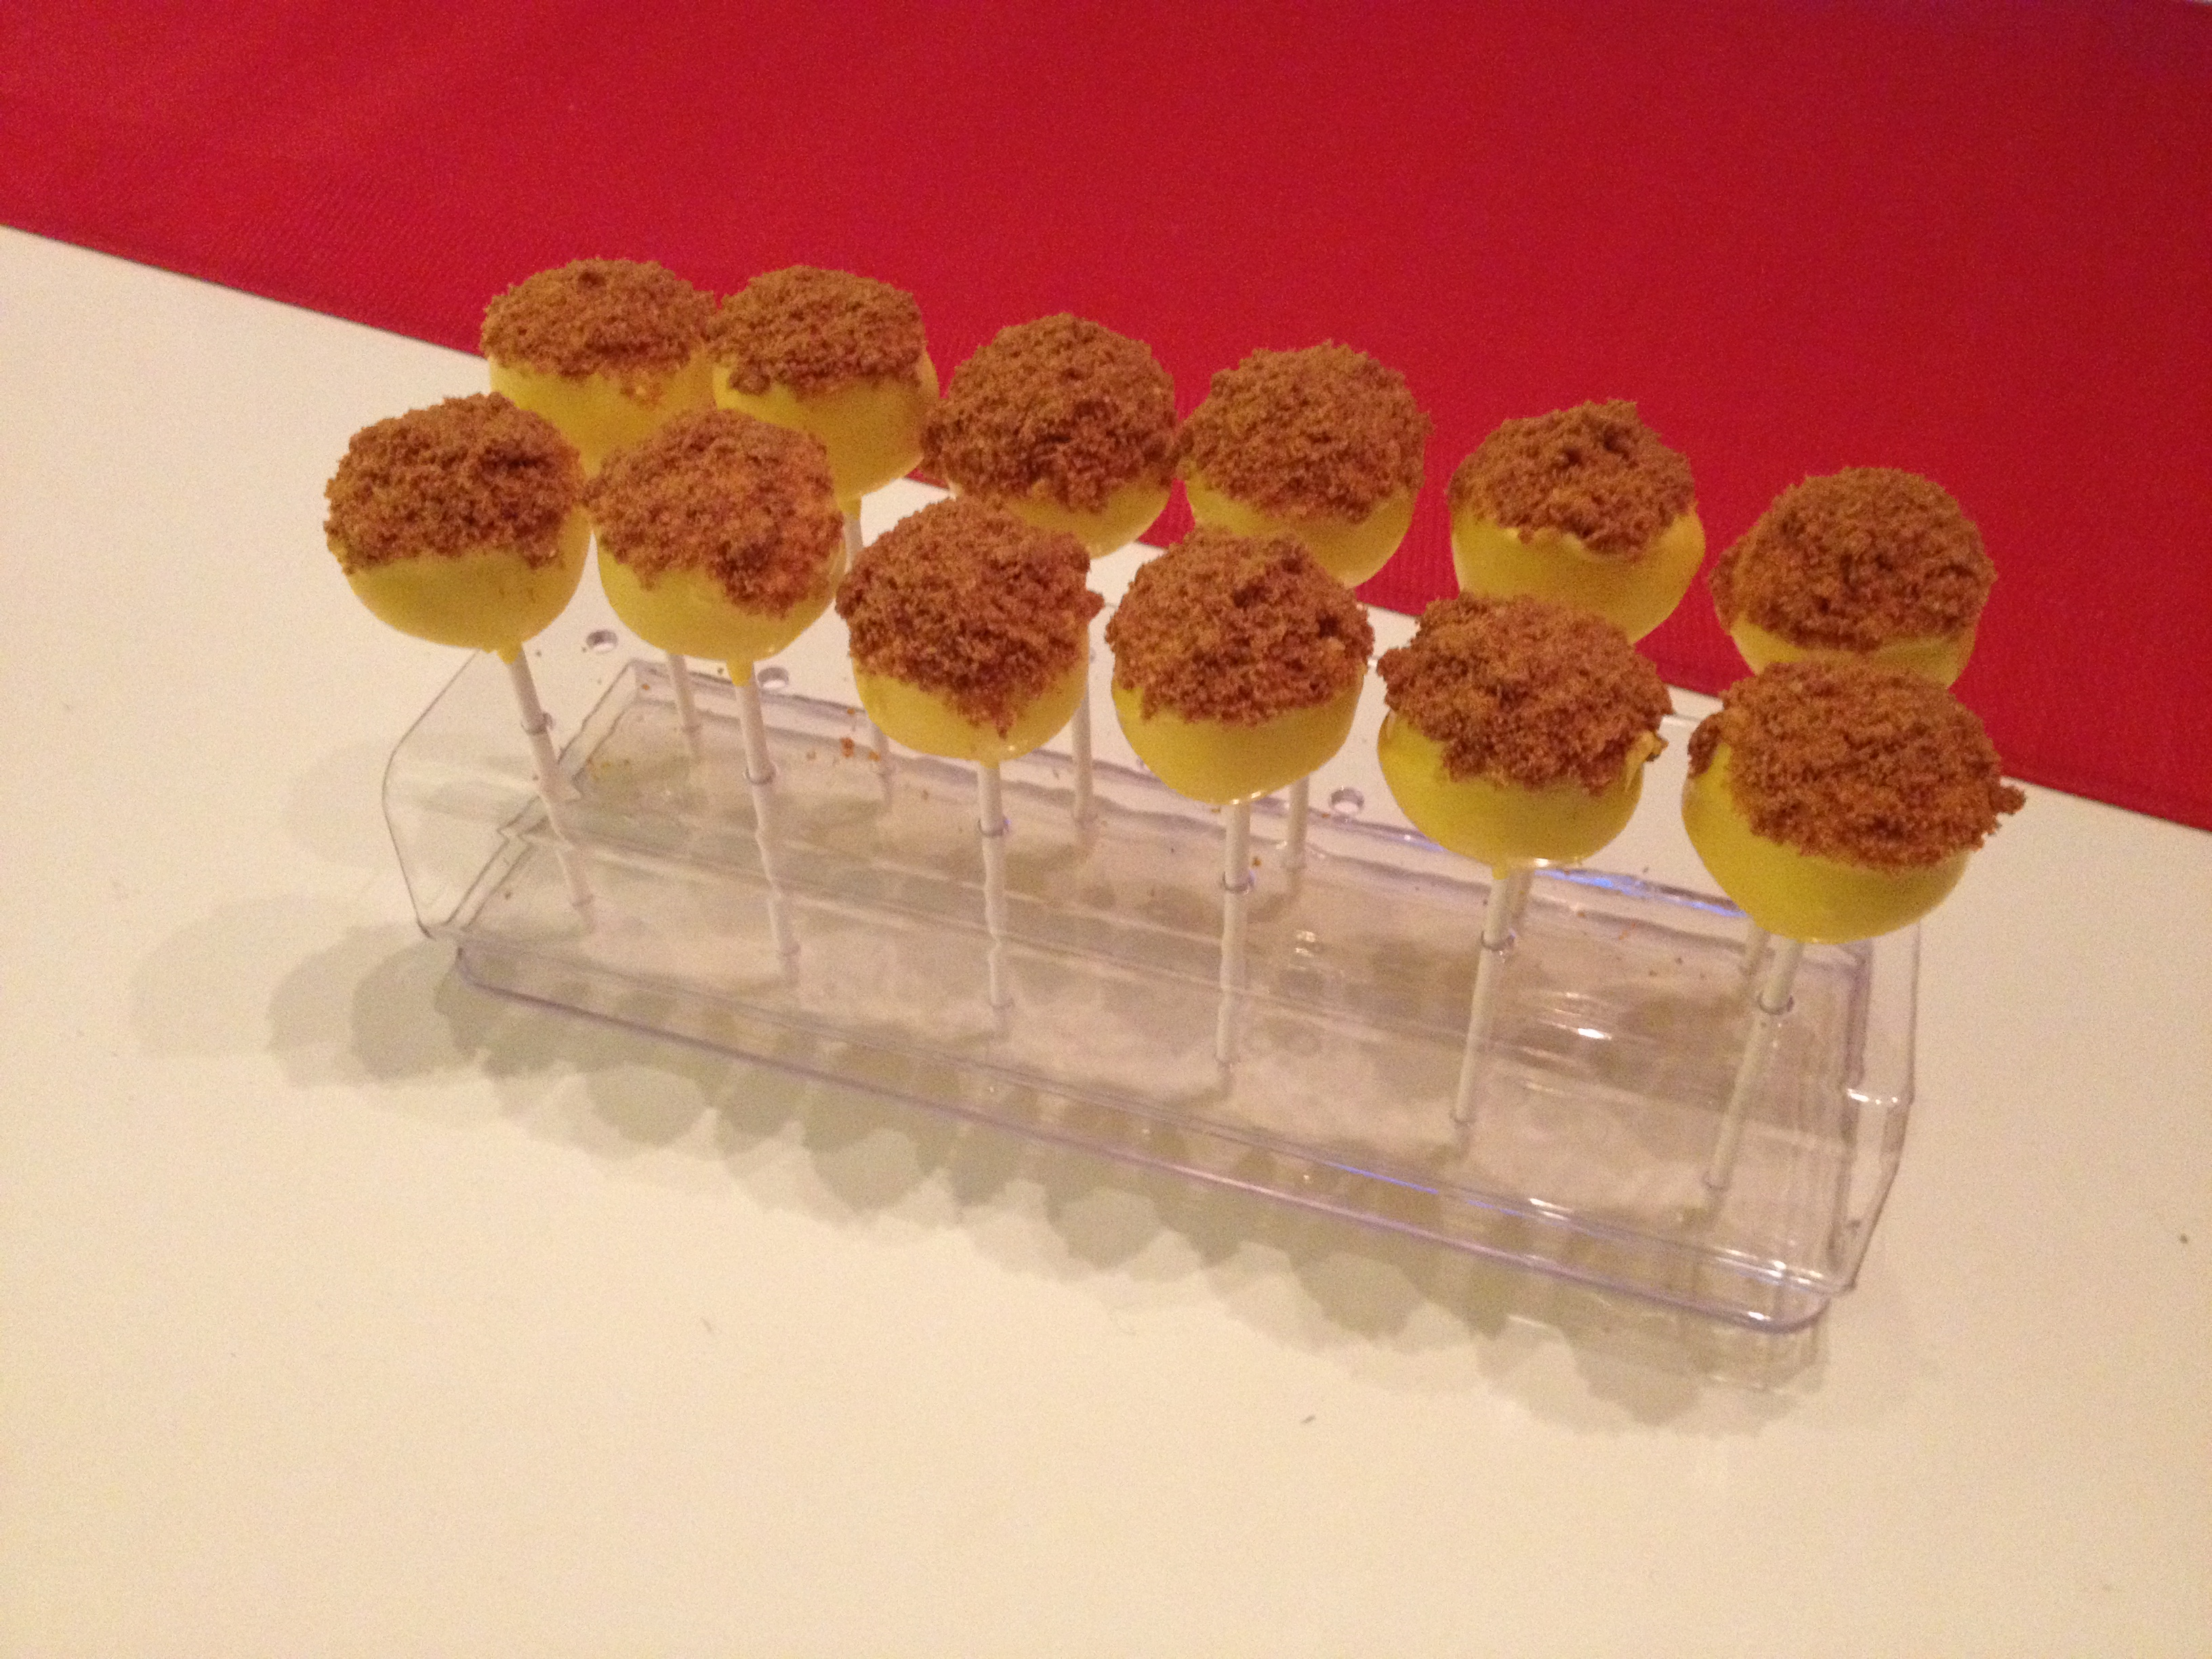 Pin cupcakes citron vert pavot chantilly framboise la recette facile cake on pinterest - Recette pop cake ...